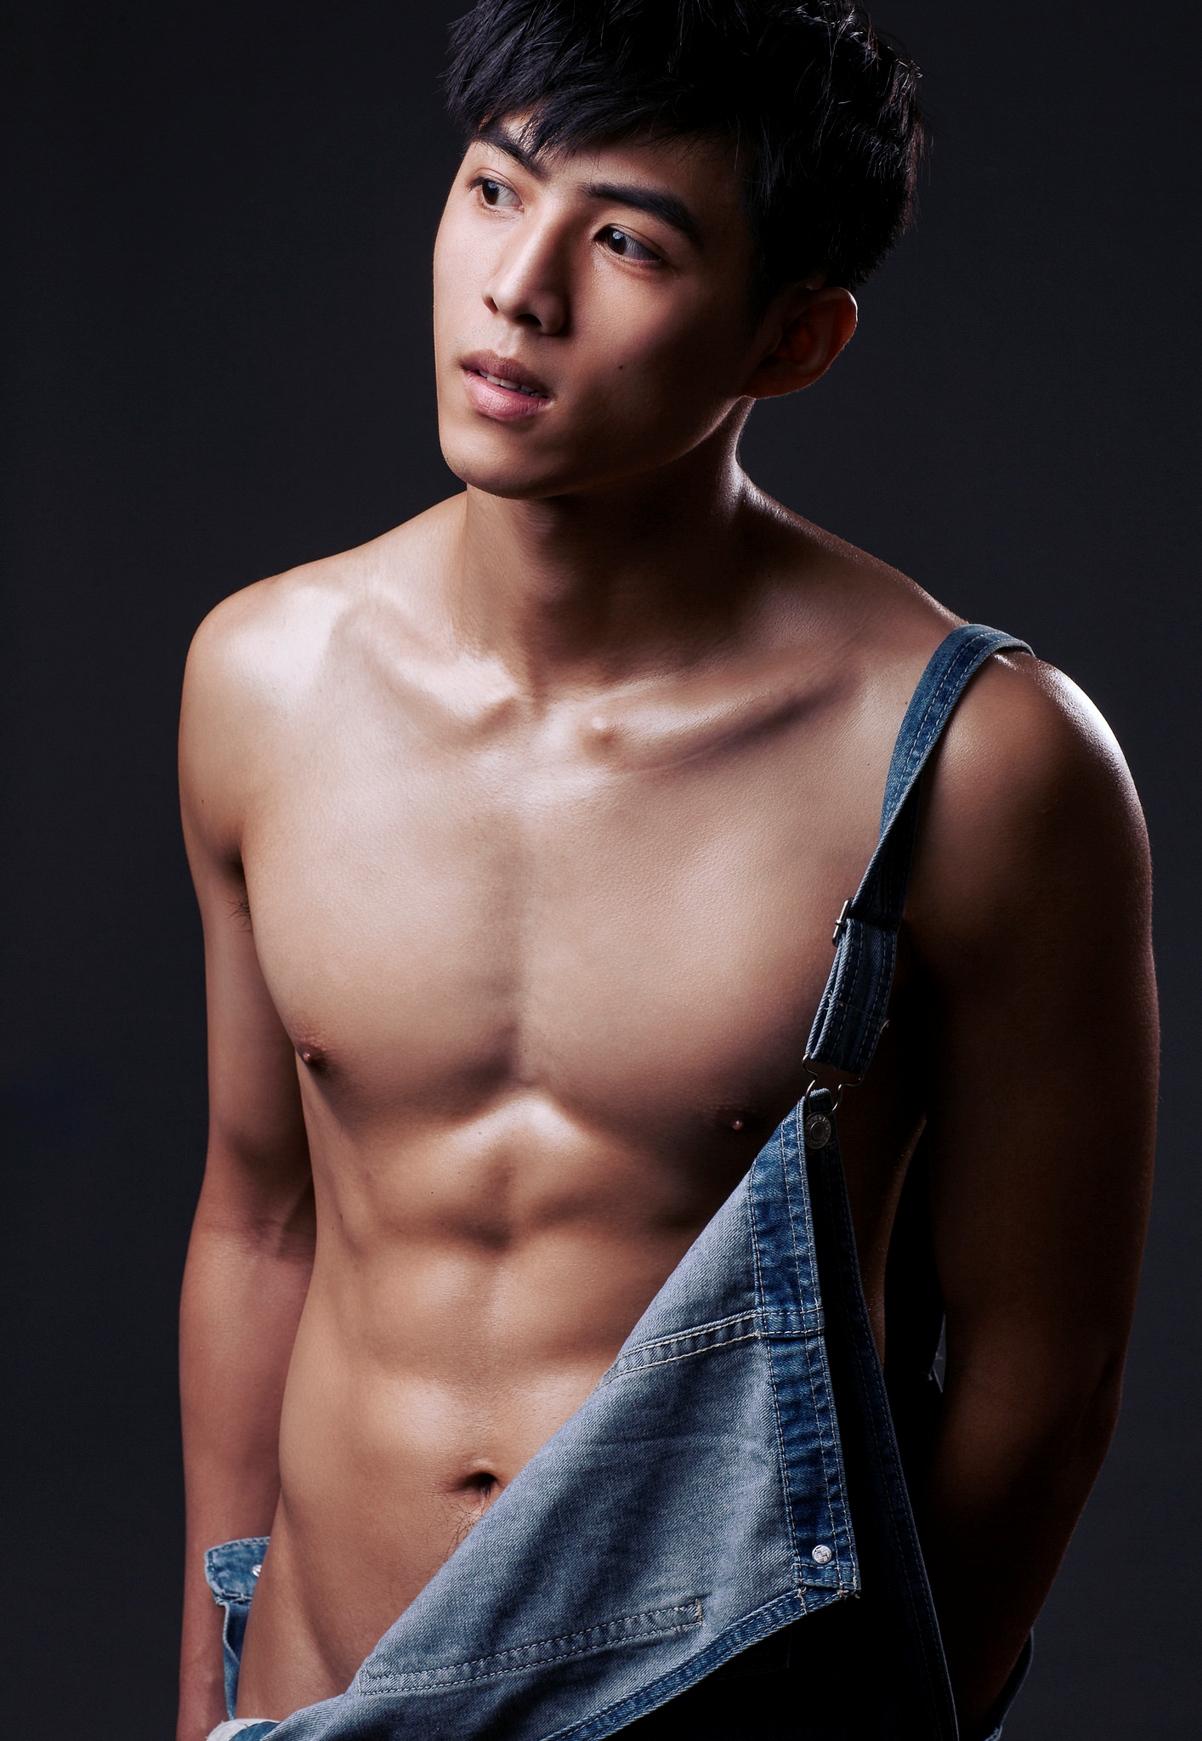 boys gay Cute asian